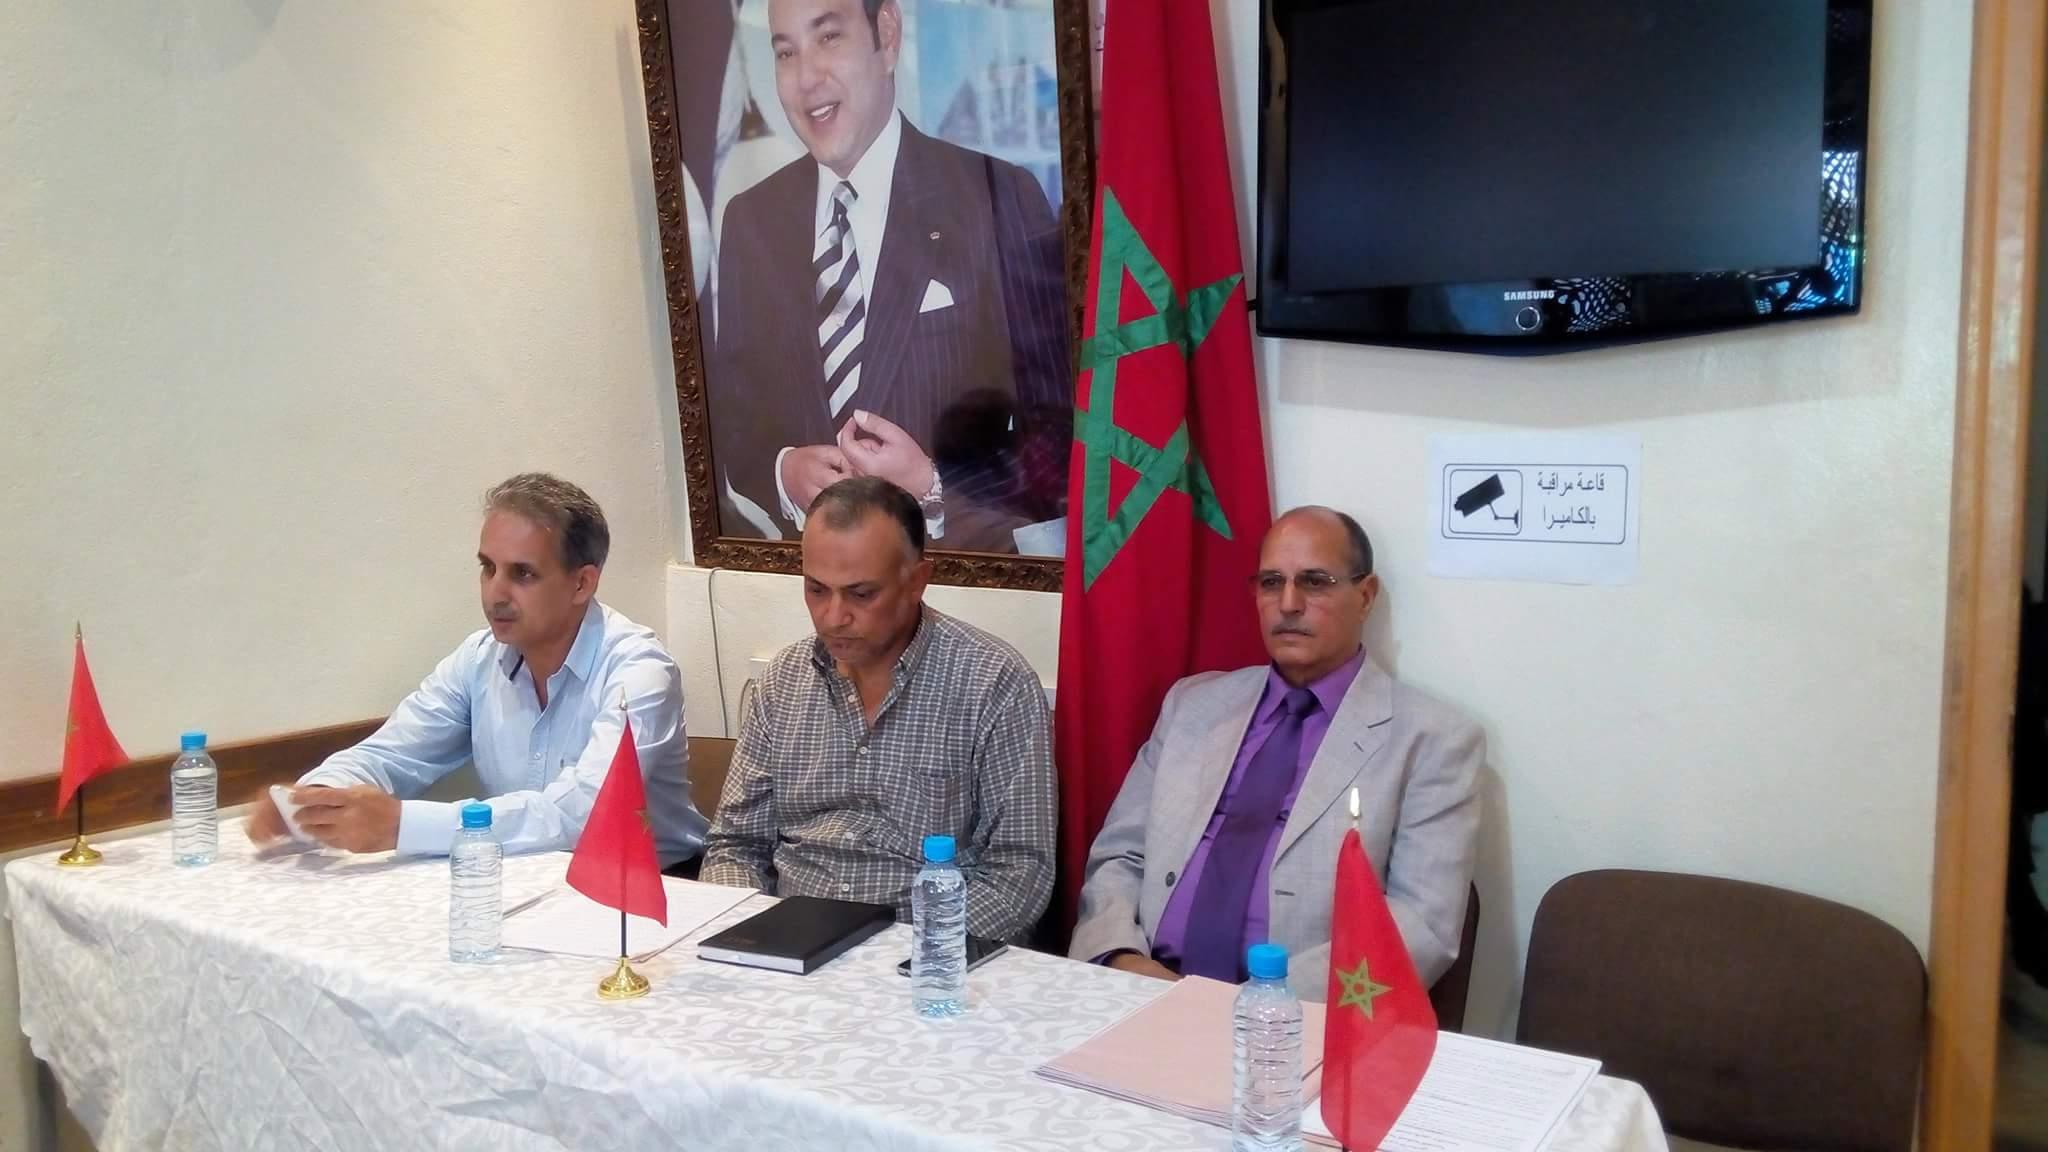 تأسيس المكتب الإقليمي للمنظمة العالمية المغربية لجمع شمل الصحراويين والتنمية